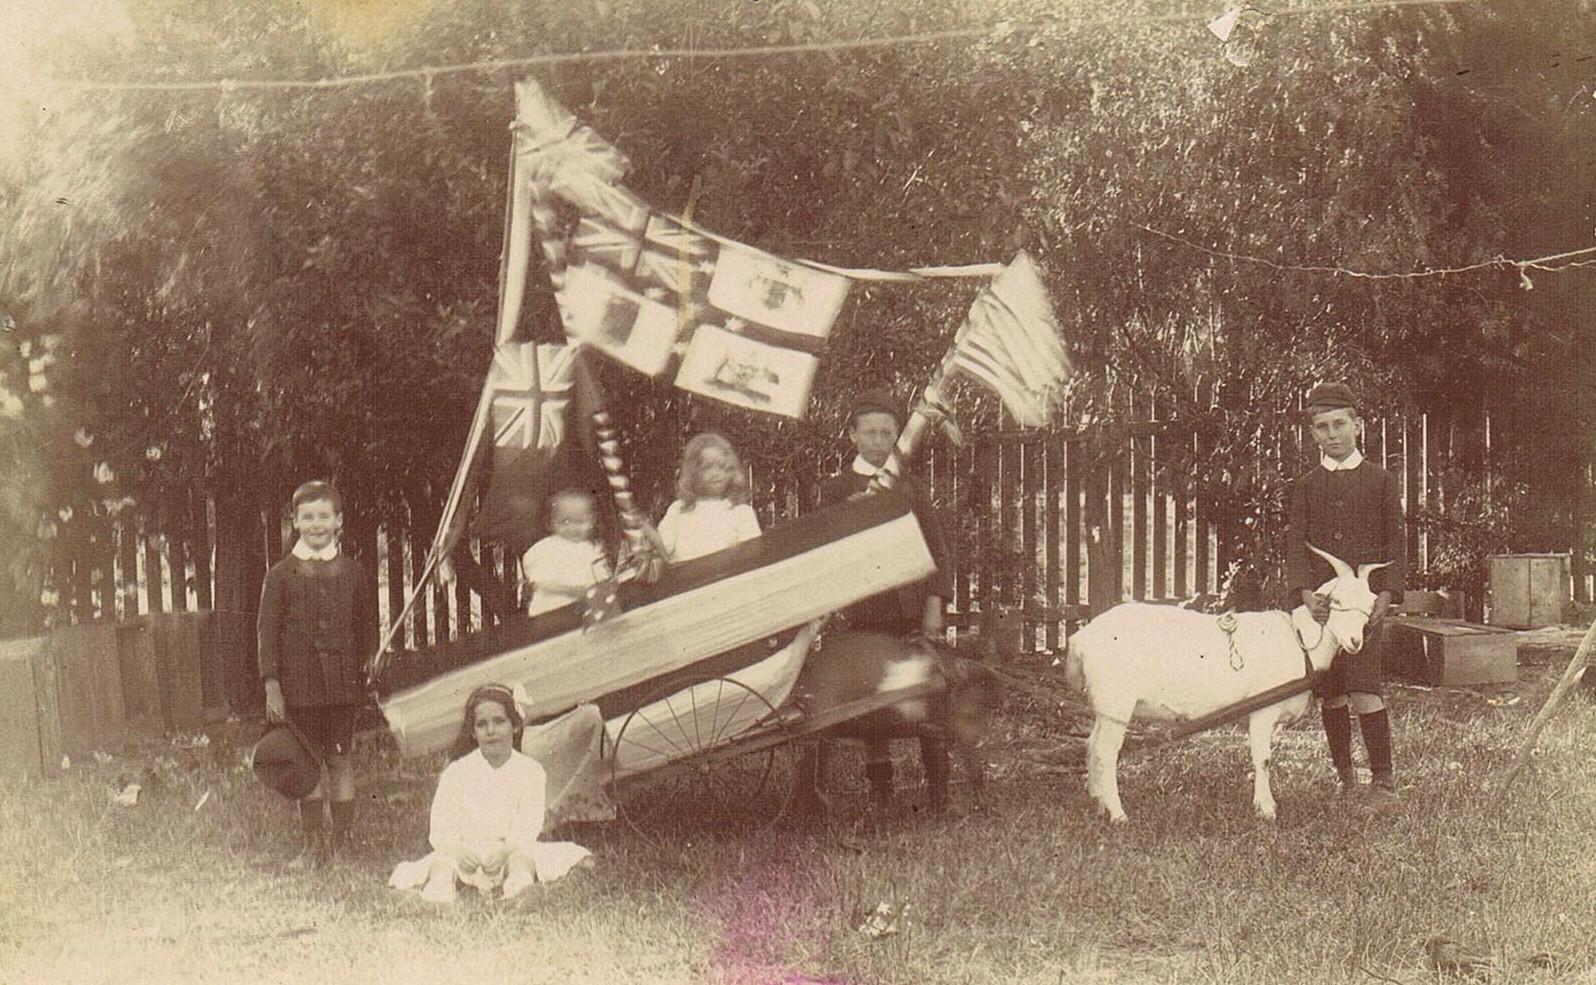 The Ahern Boys' Battleship